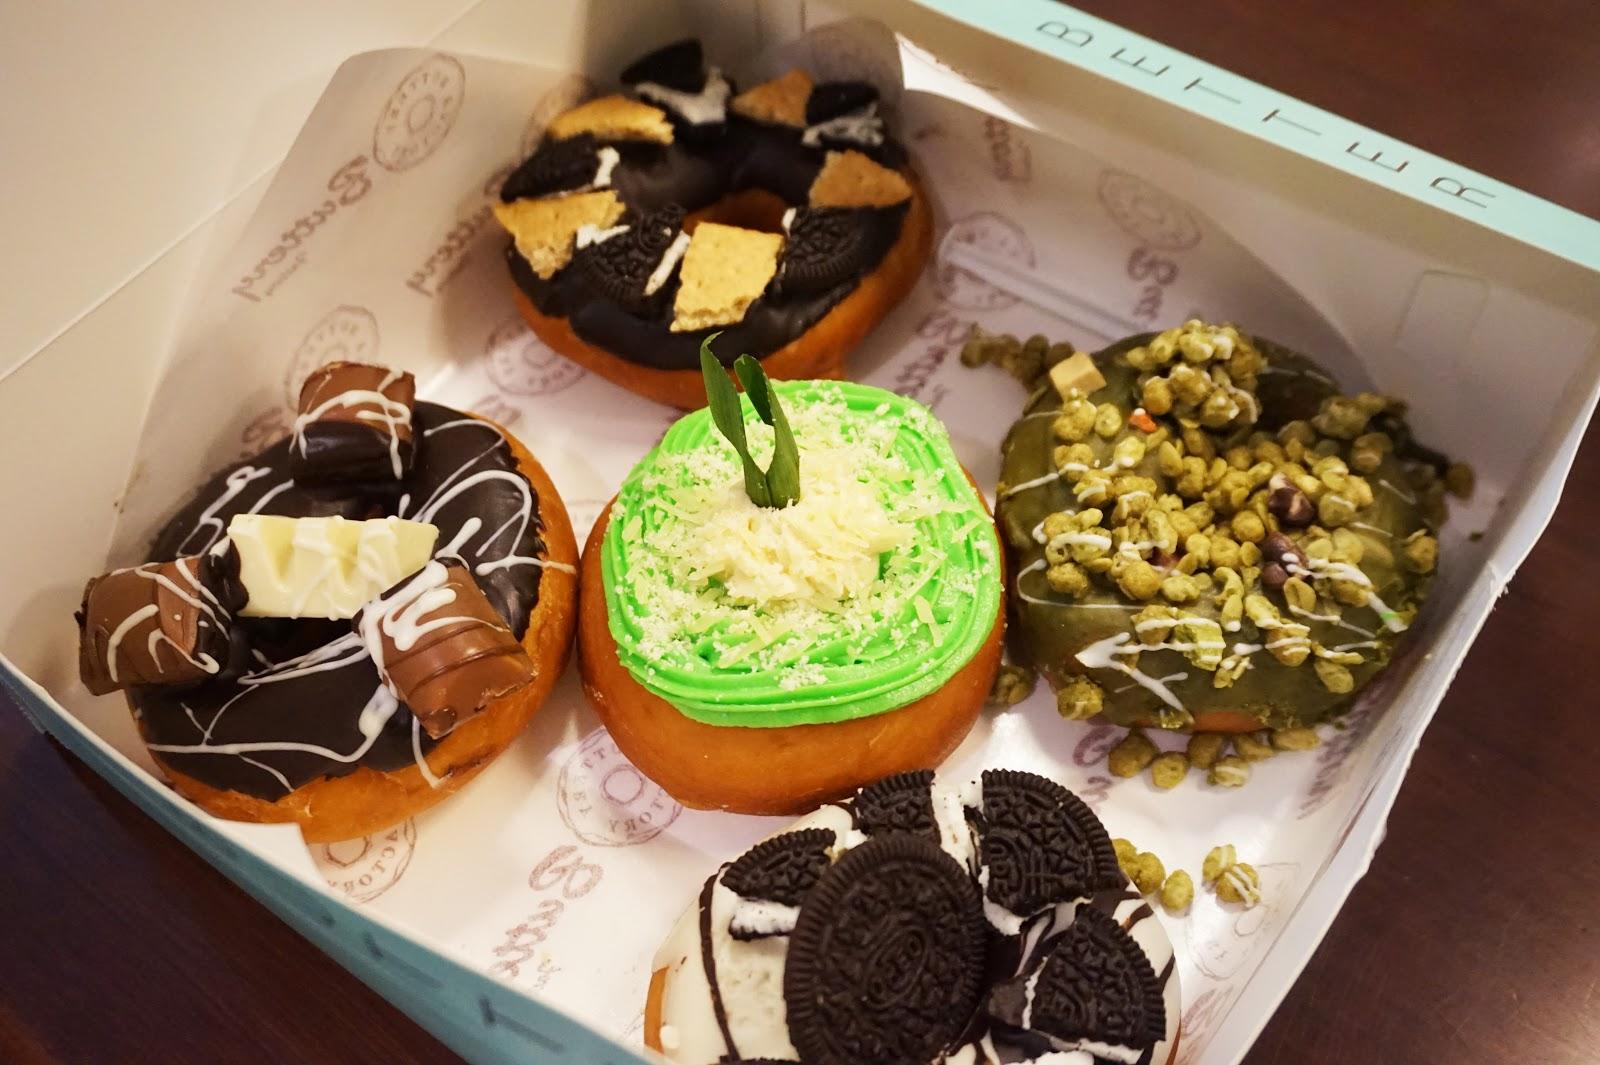 Buttery-Factory-Donuts-Hong-Kong.JPG